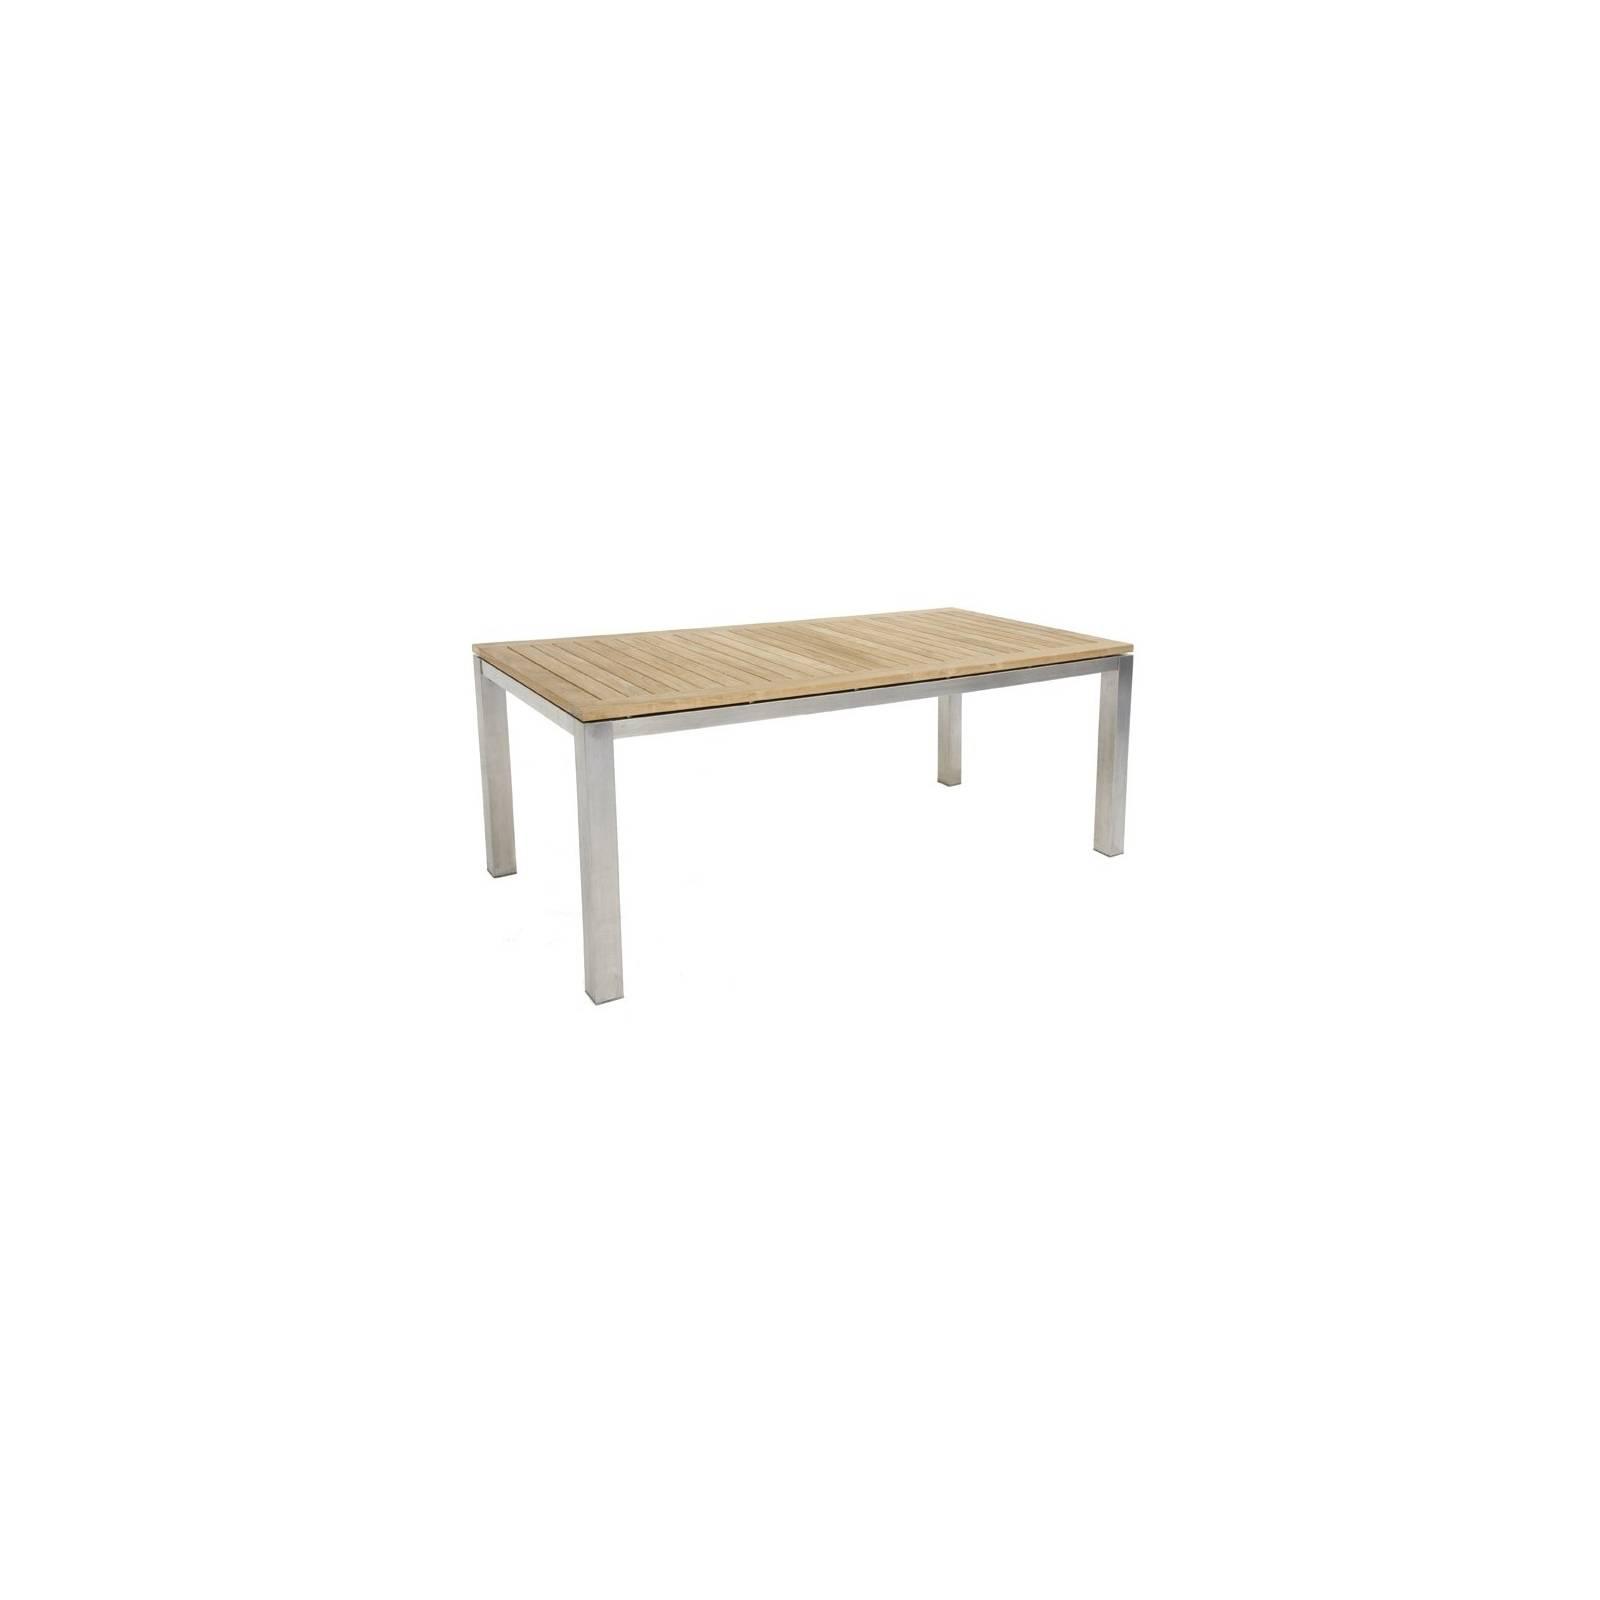 Table De Jardin Taman Inox Teck Recyclé - meuble de jardin